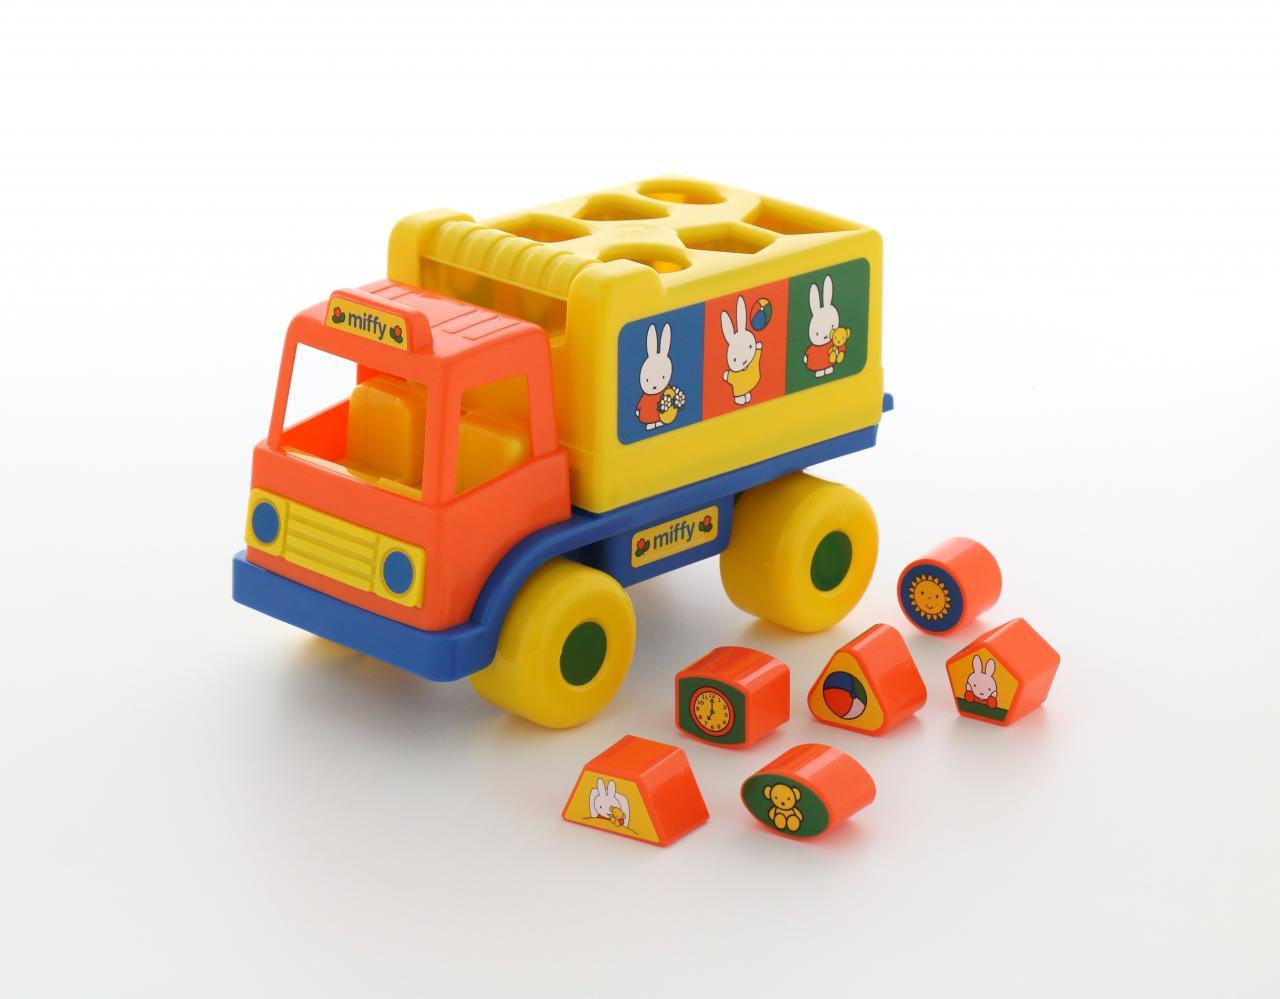 Купить Логический грузовичок №2 – Миффи с 6 кубиками, Полесье